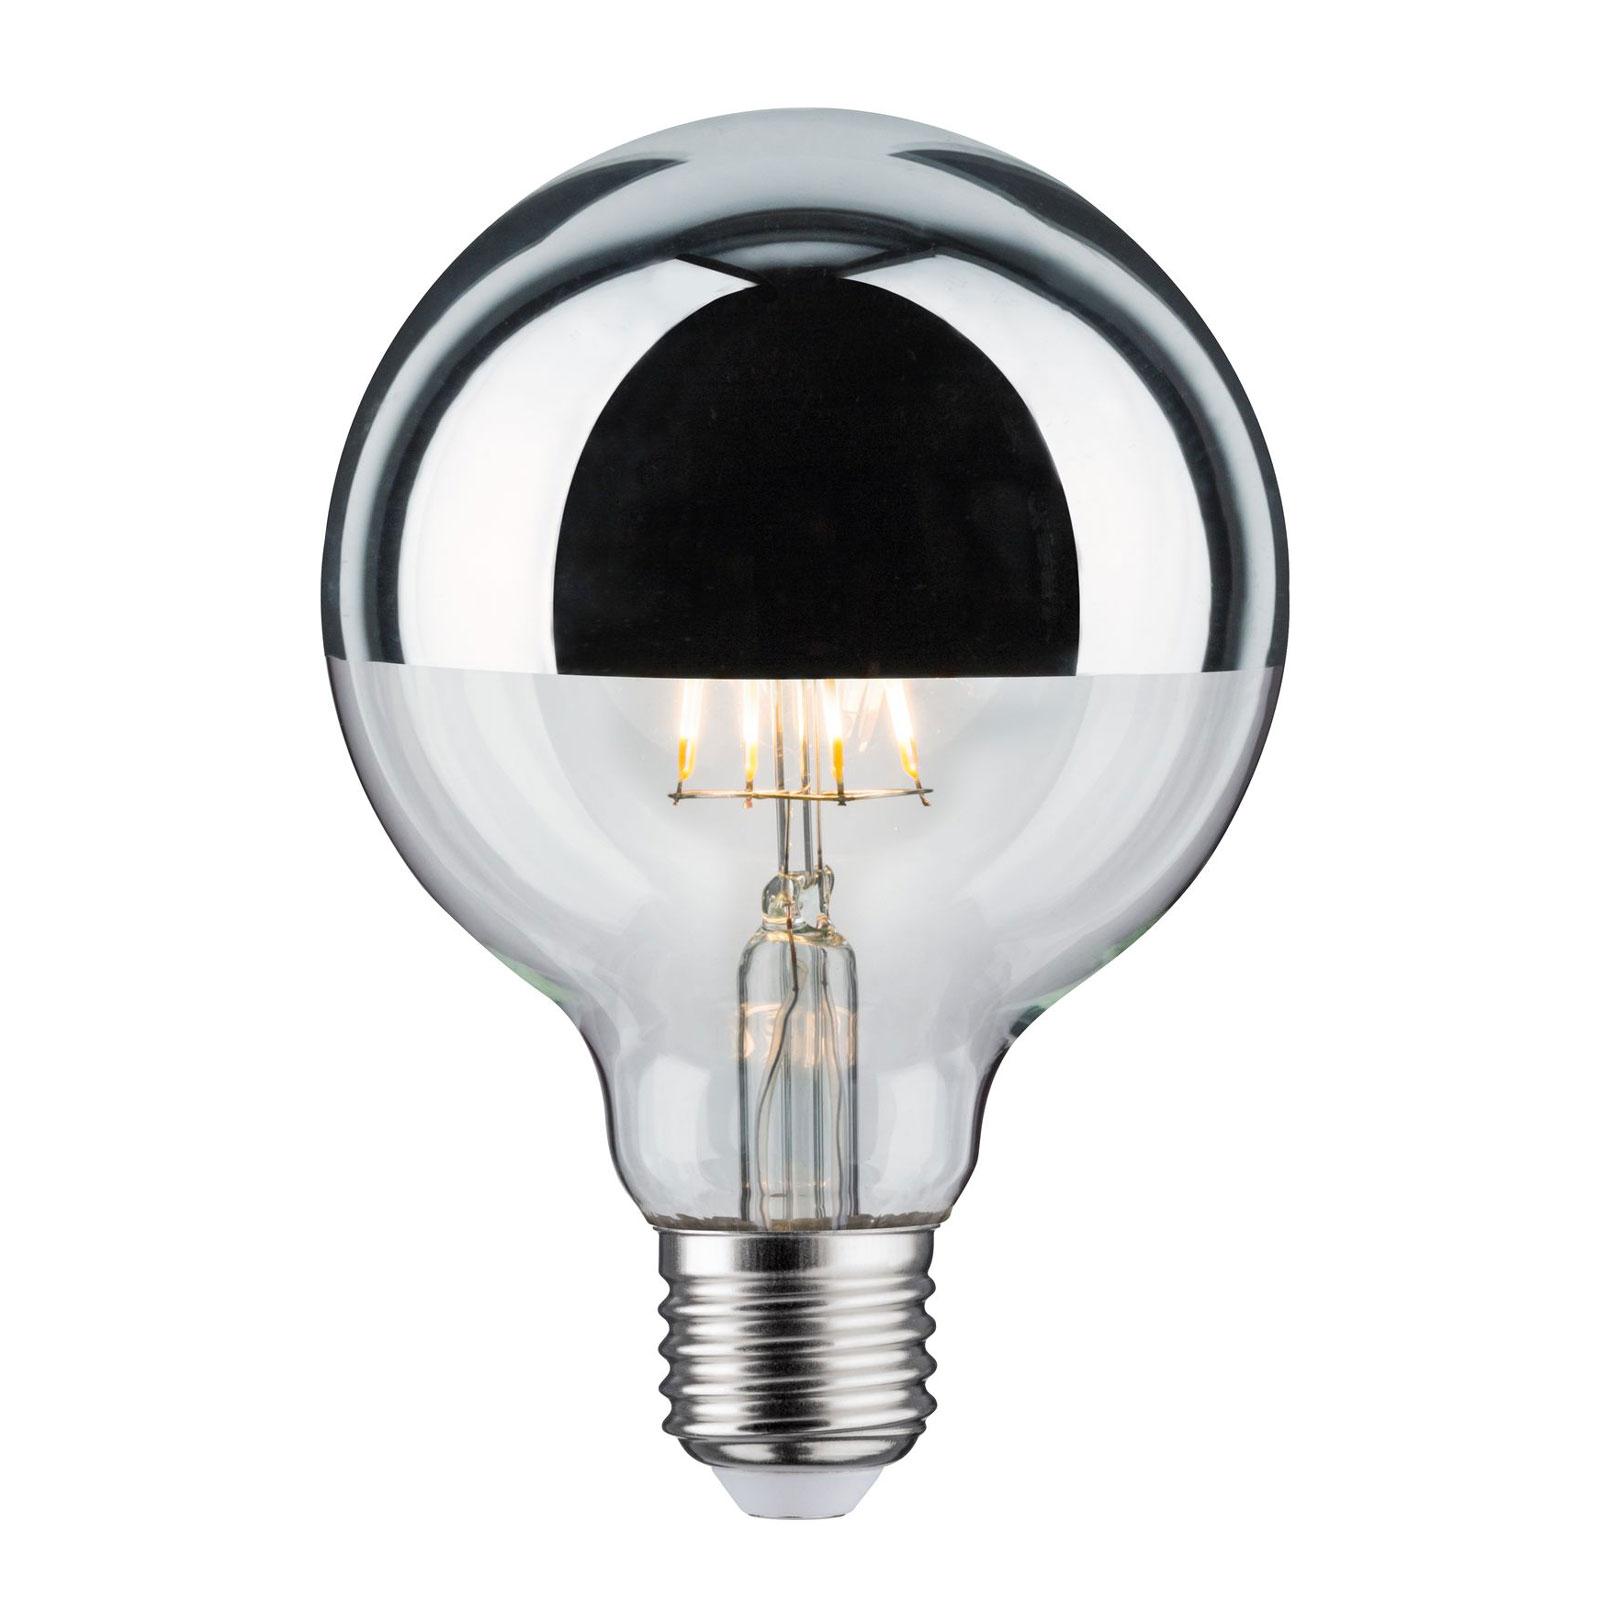 LED-Lampe E27 827 6,5W Kopfspiegel silber